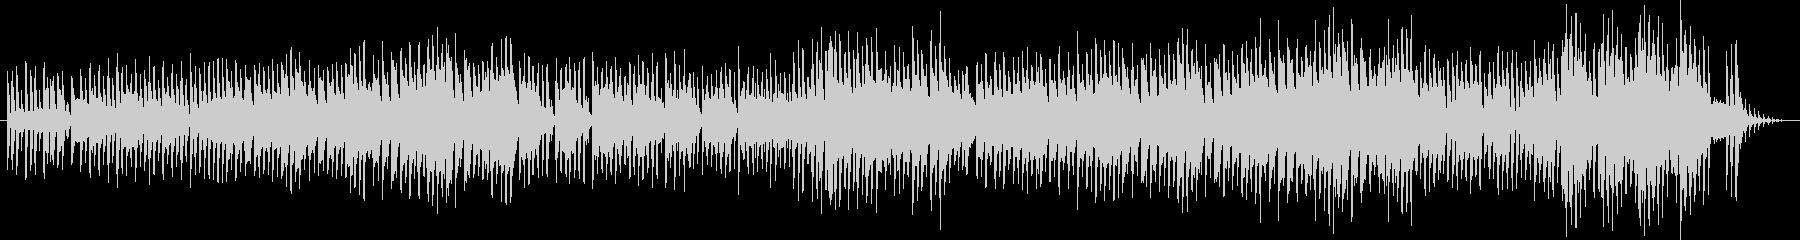 リズミカルで楽しいクリスマスBGMの未再生の波形